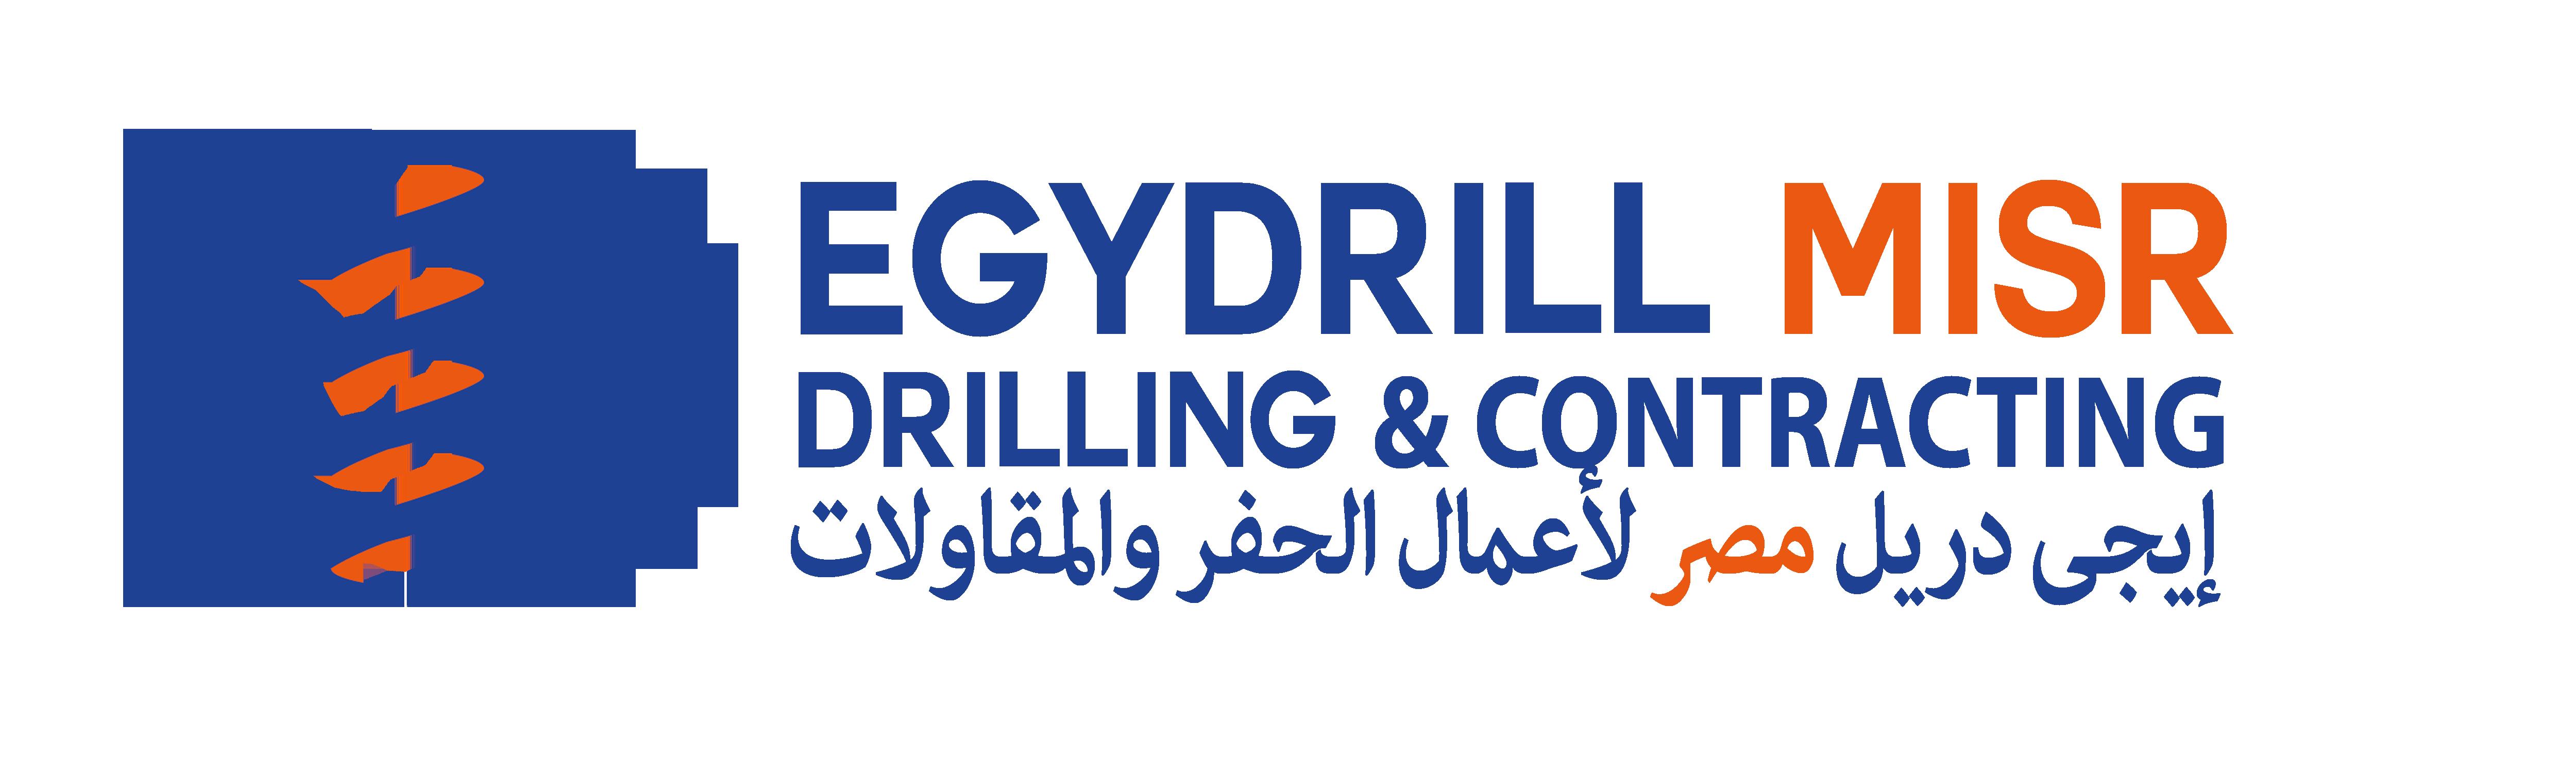 لوجو ايجي دريل مصر لأعمال الحفر والمقاولات